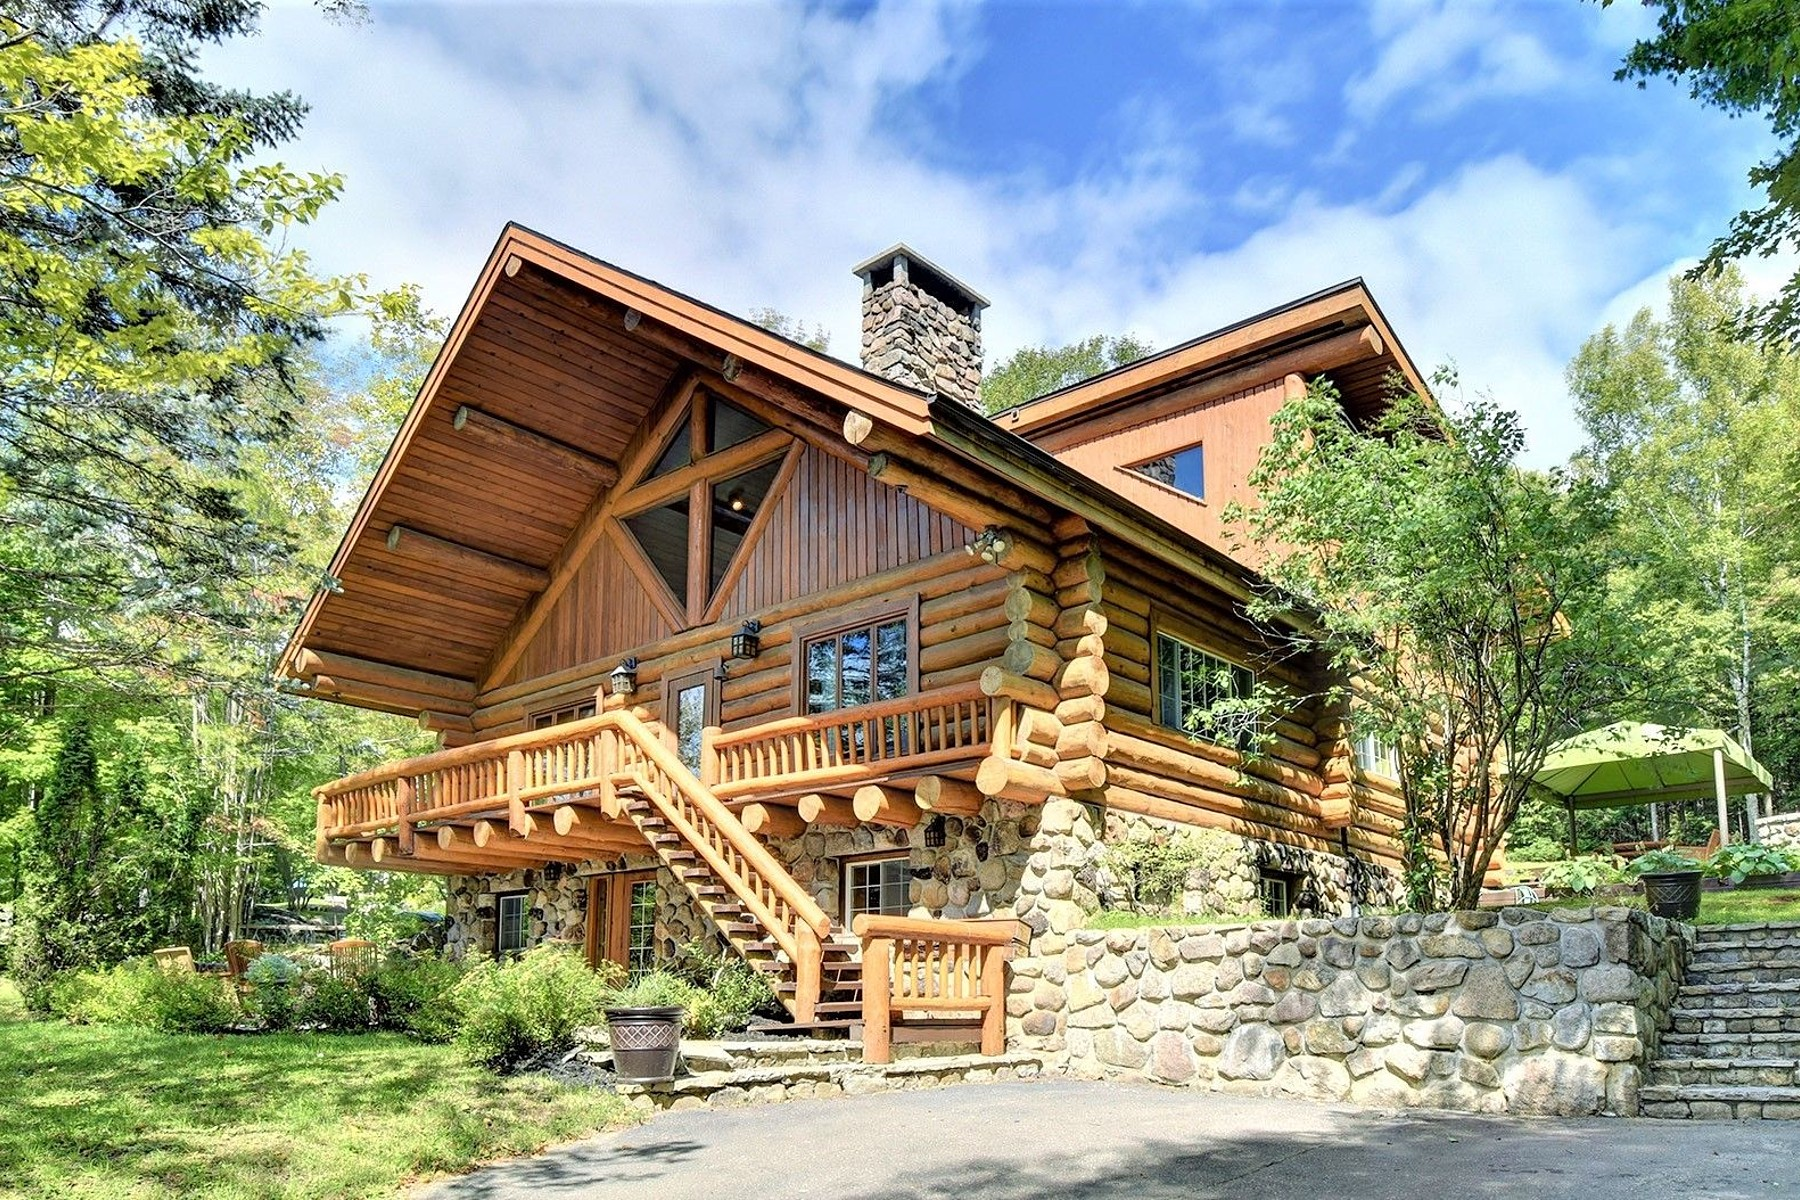 Single Family Homes for Sale at Sainte-Adèle, Laurentides 3205 Rue des Luminaires Sainte-Adele, Quebec J8P1P1 Canada